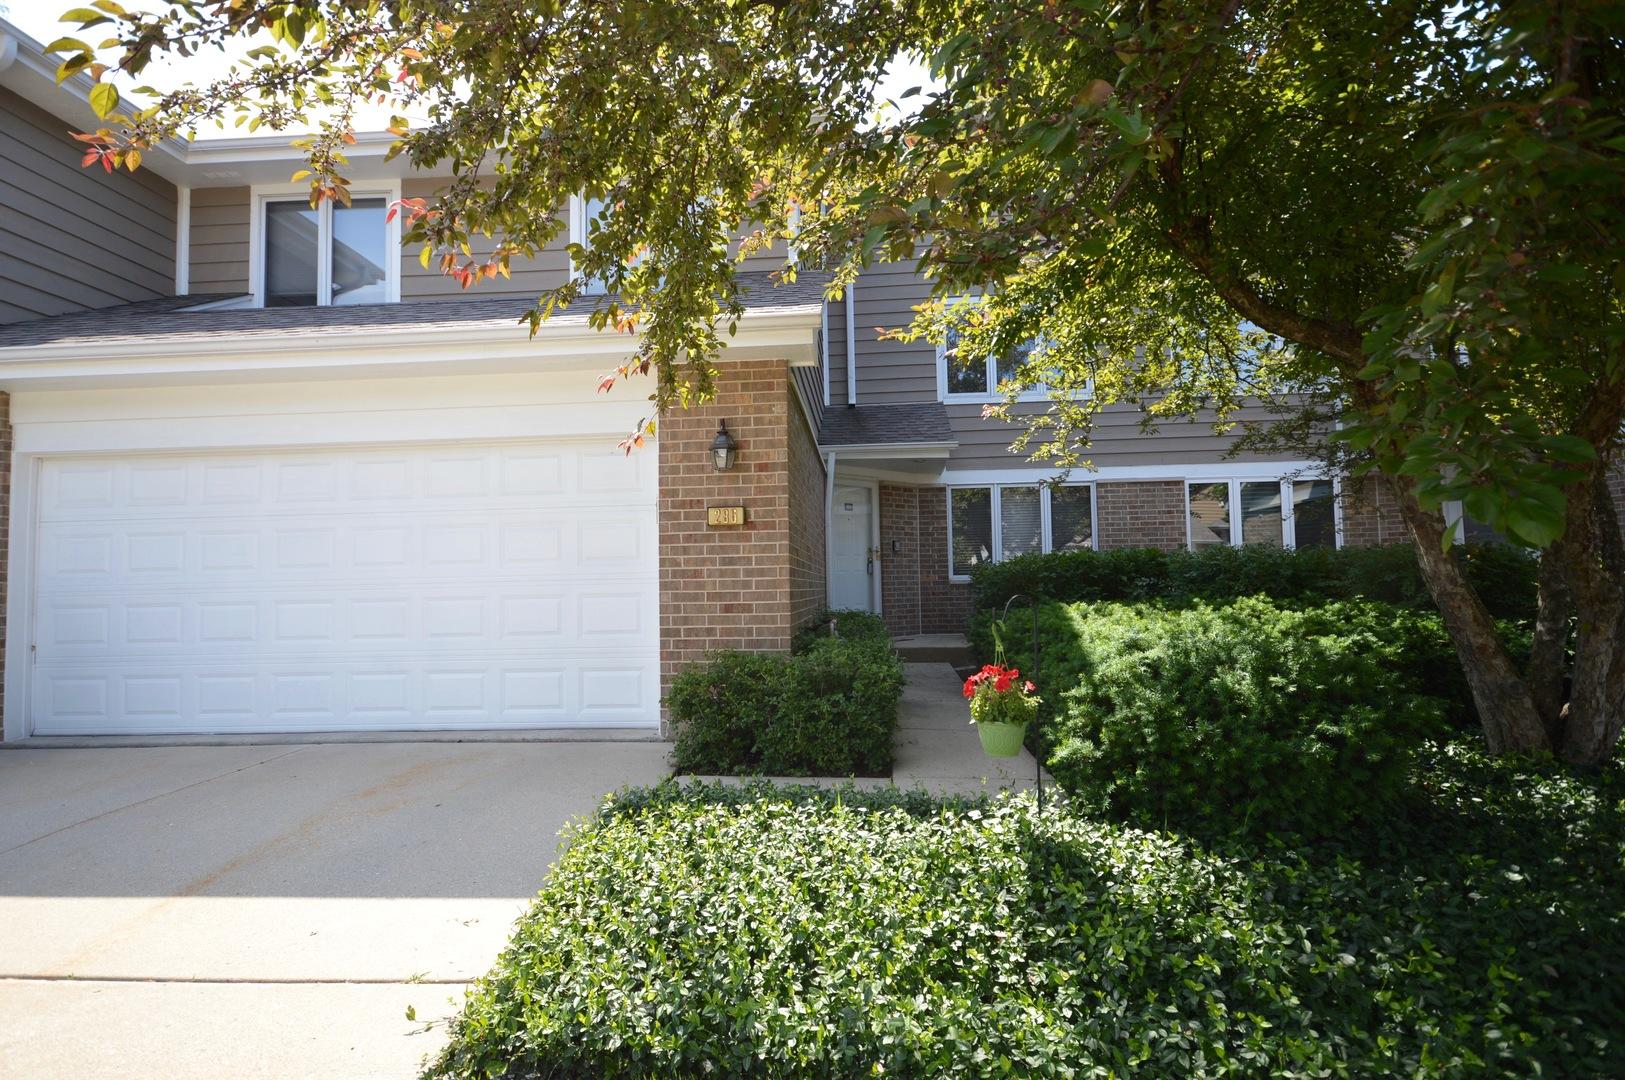 286 BRUNSWICK Drive, Buffalo Grove in Lake County, IL 60089 Home for Sale